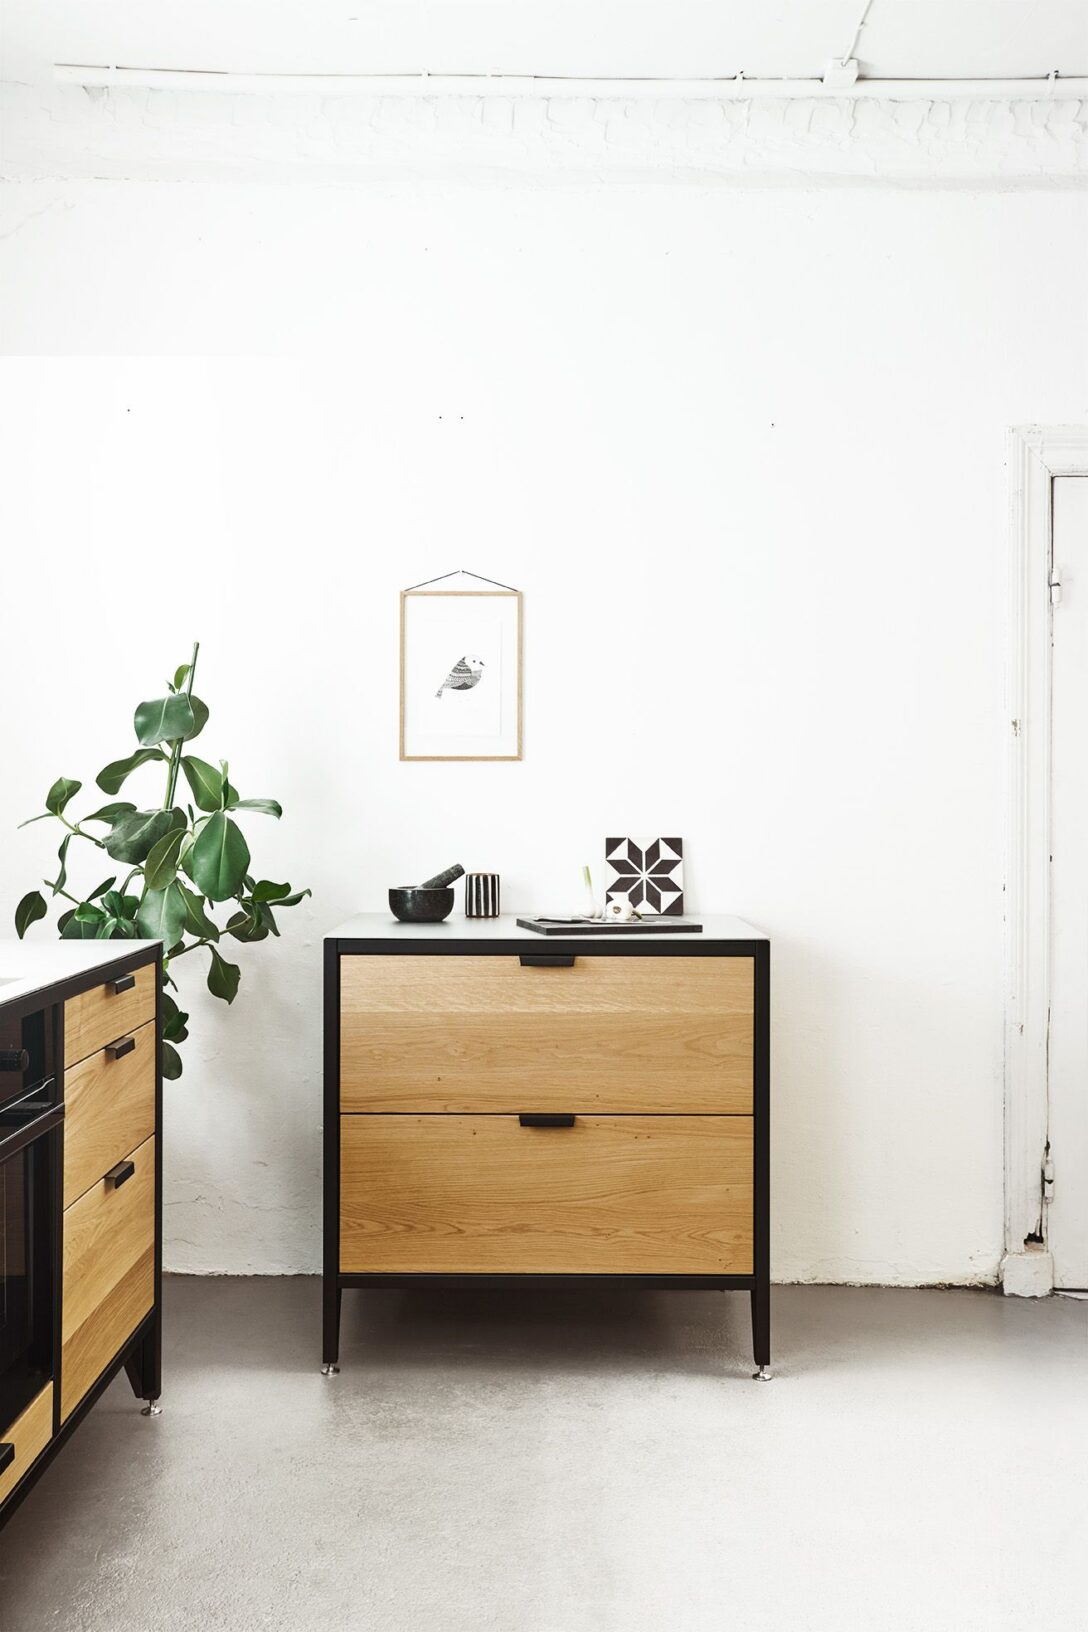 Large Size of Ein Einzelner Kchenschrank Oder Eine Ganze Kche Werk Modulküche Holz Ikea Wohnzimmer Cocoon Modulküche